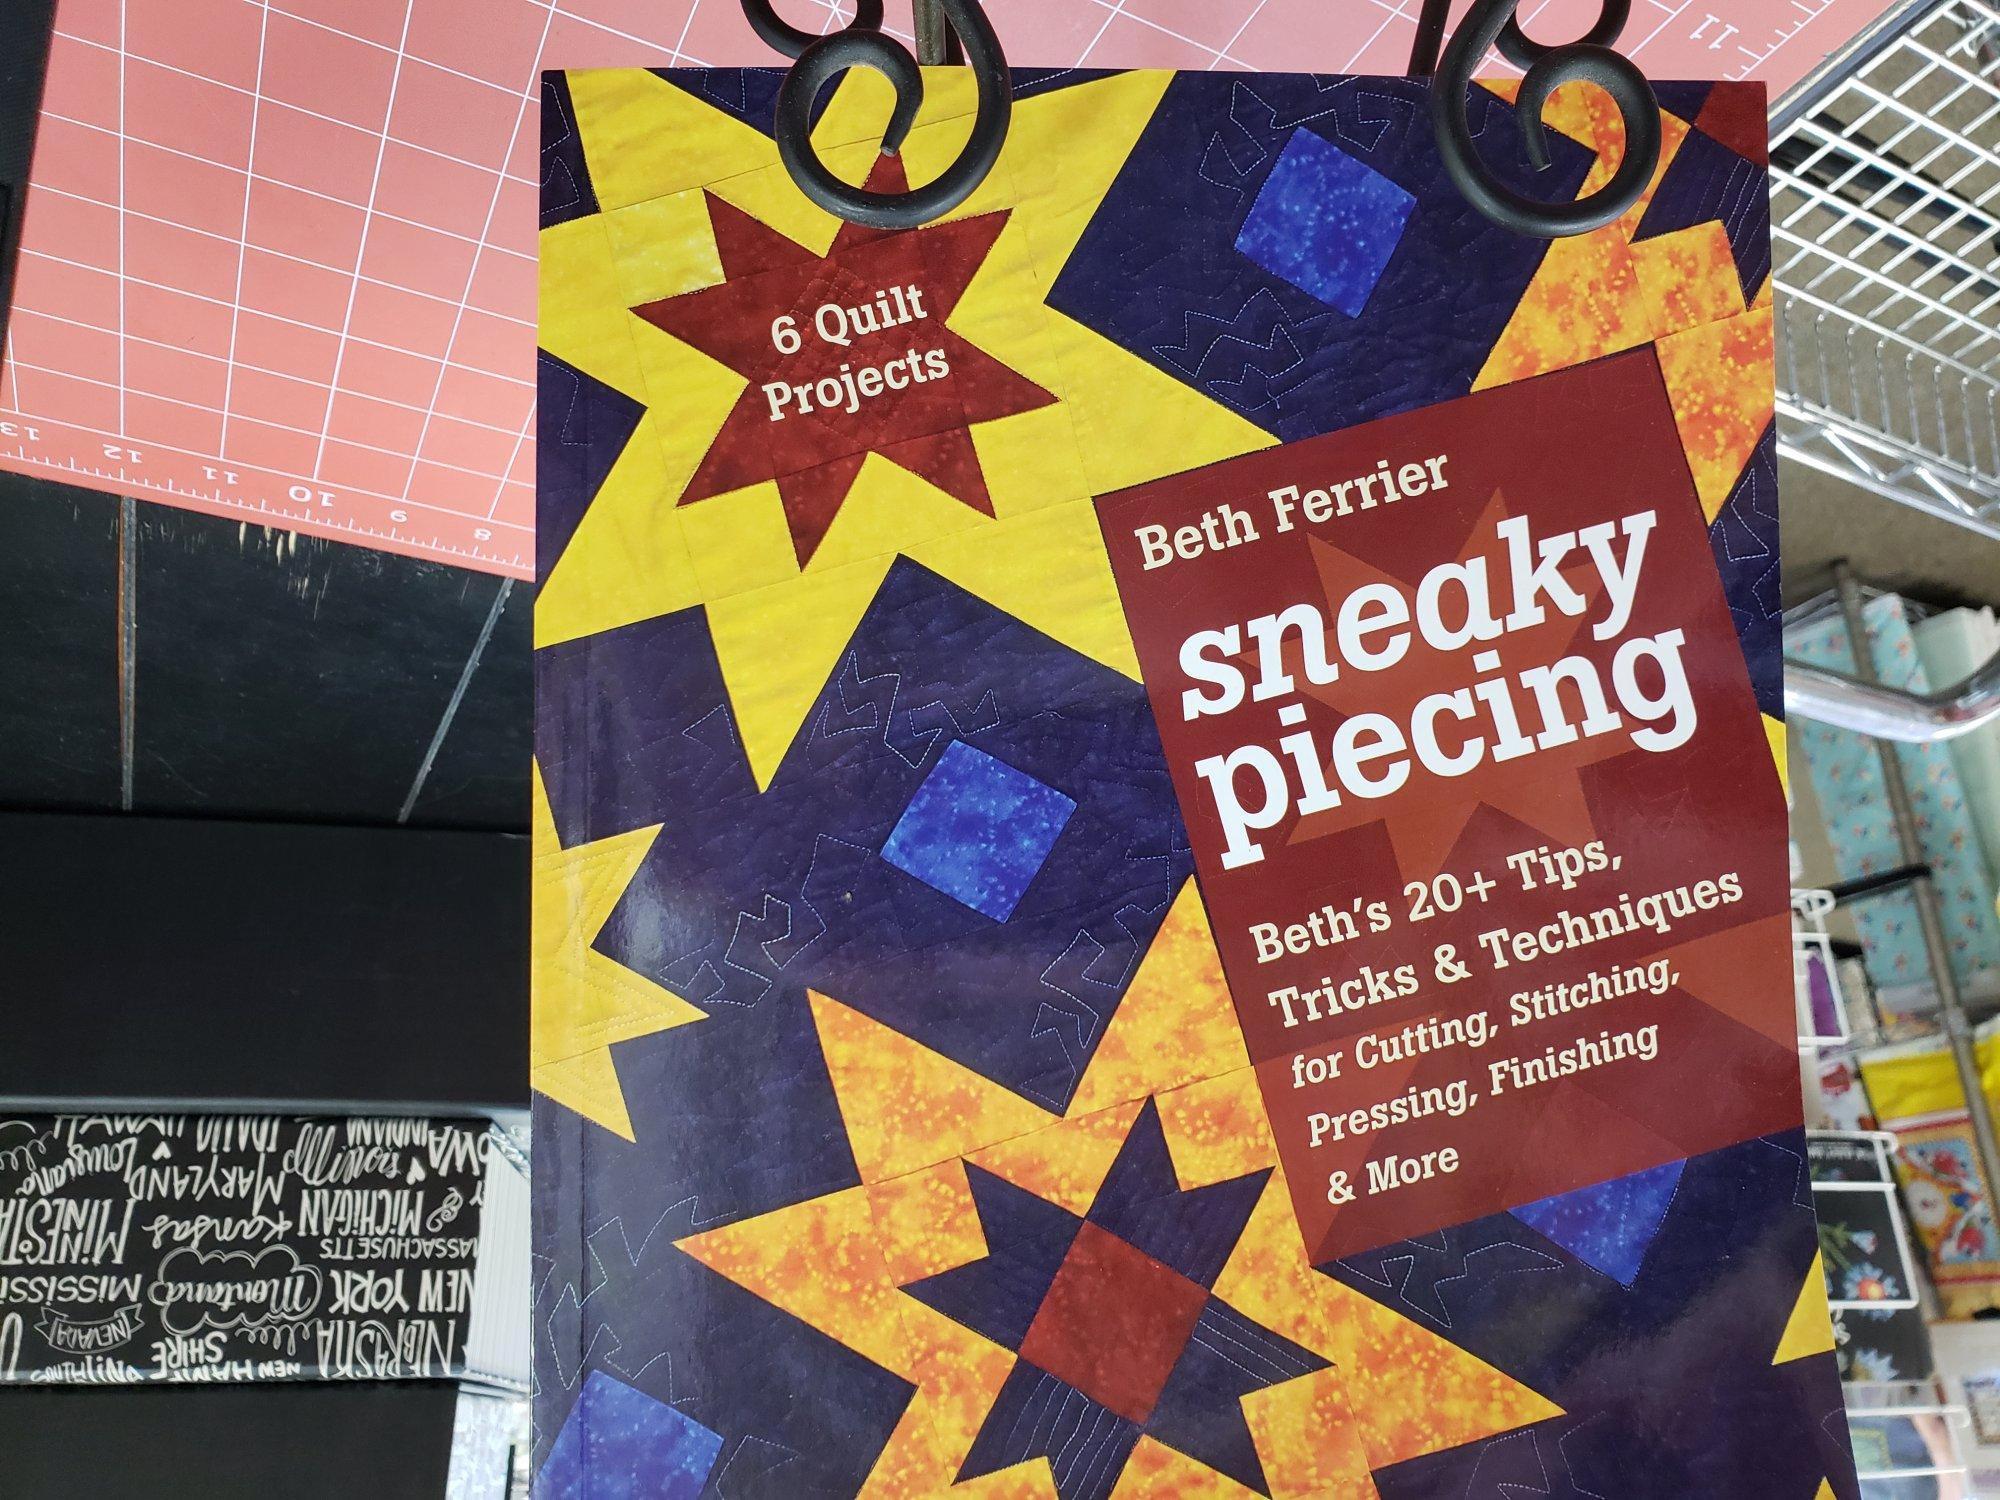 Beth Ferrier Sneaky Piecing